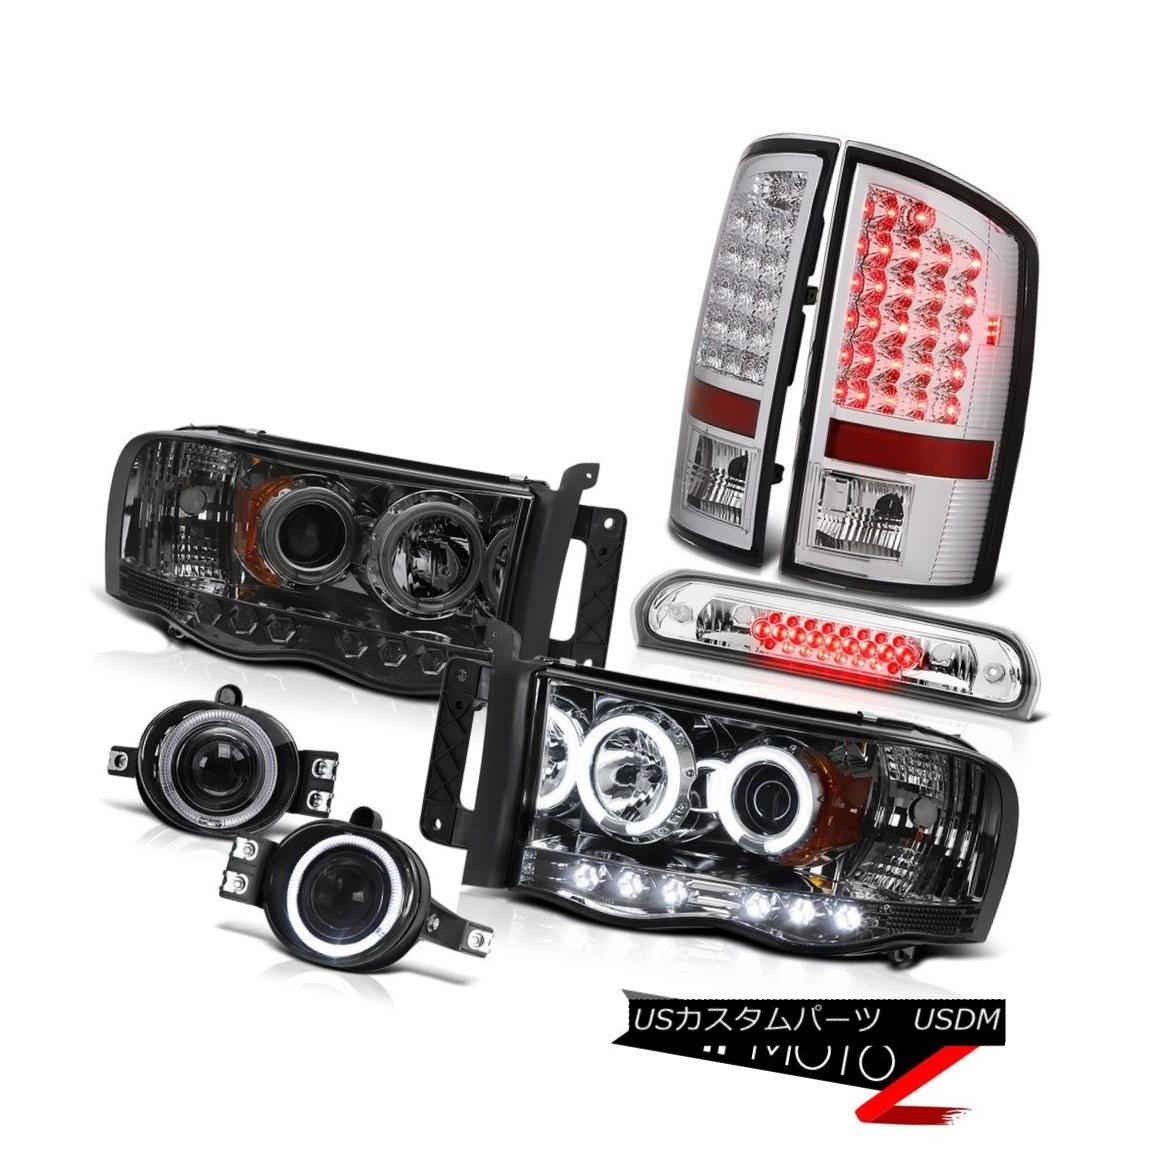 テールライト 02 03 04 05 Ram CCFL Headlights LED Tail Lights Projector Foglights Third Brake 02 03 04 05ラムCCFLヘッドライトLEDテールライトプロジェクターフォグライト第3ブレーキ